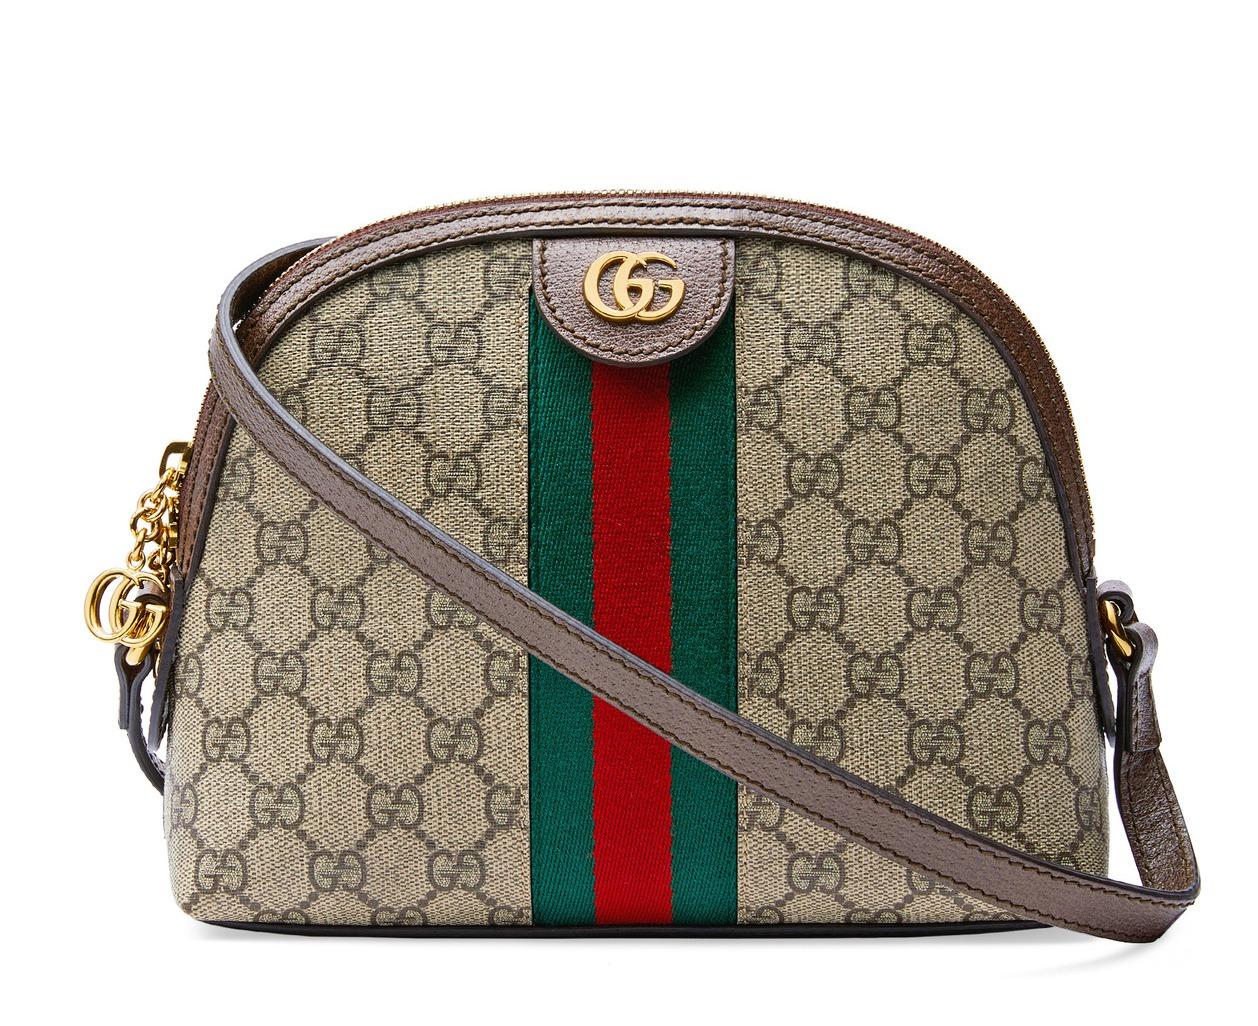 雙G Logo 肩背包, NT$ 43,400。